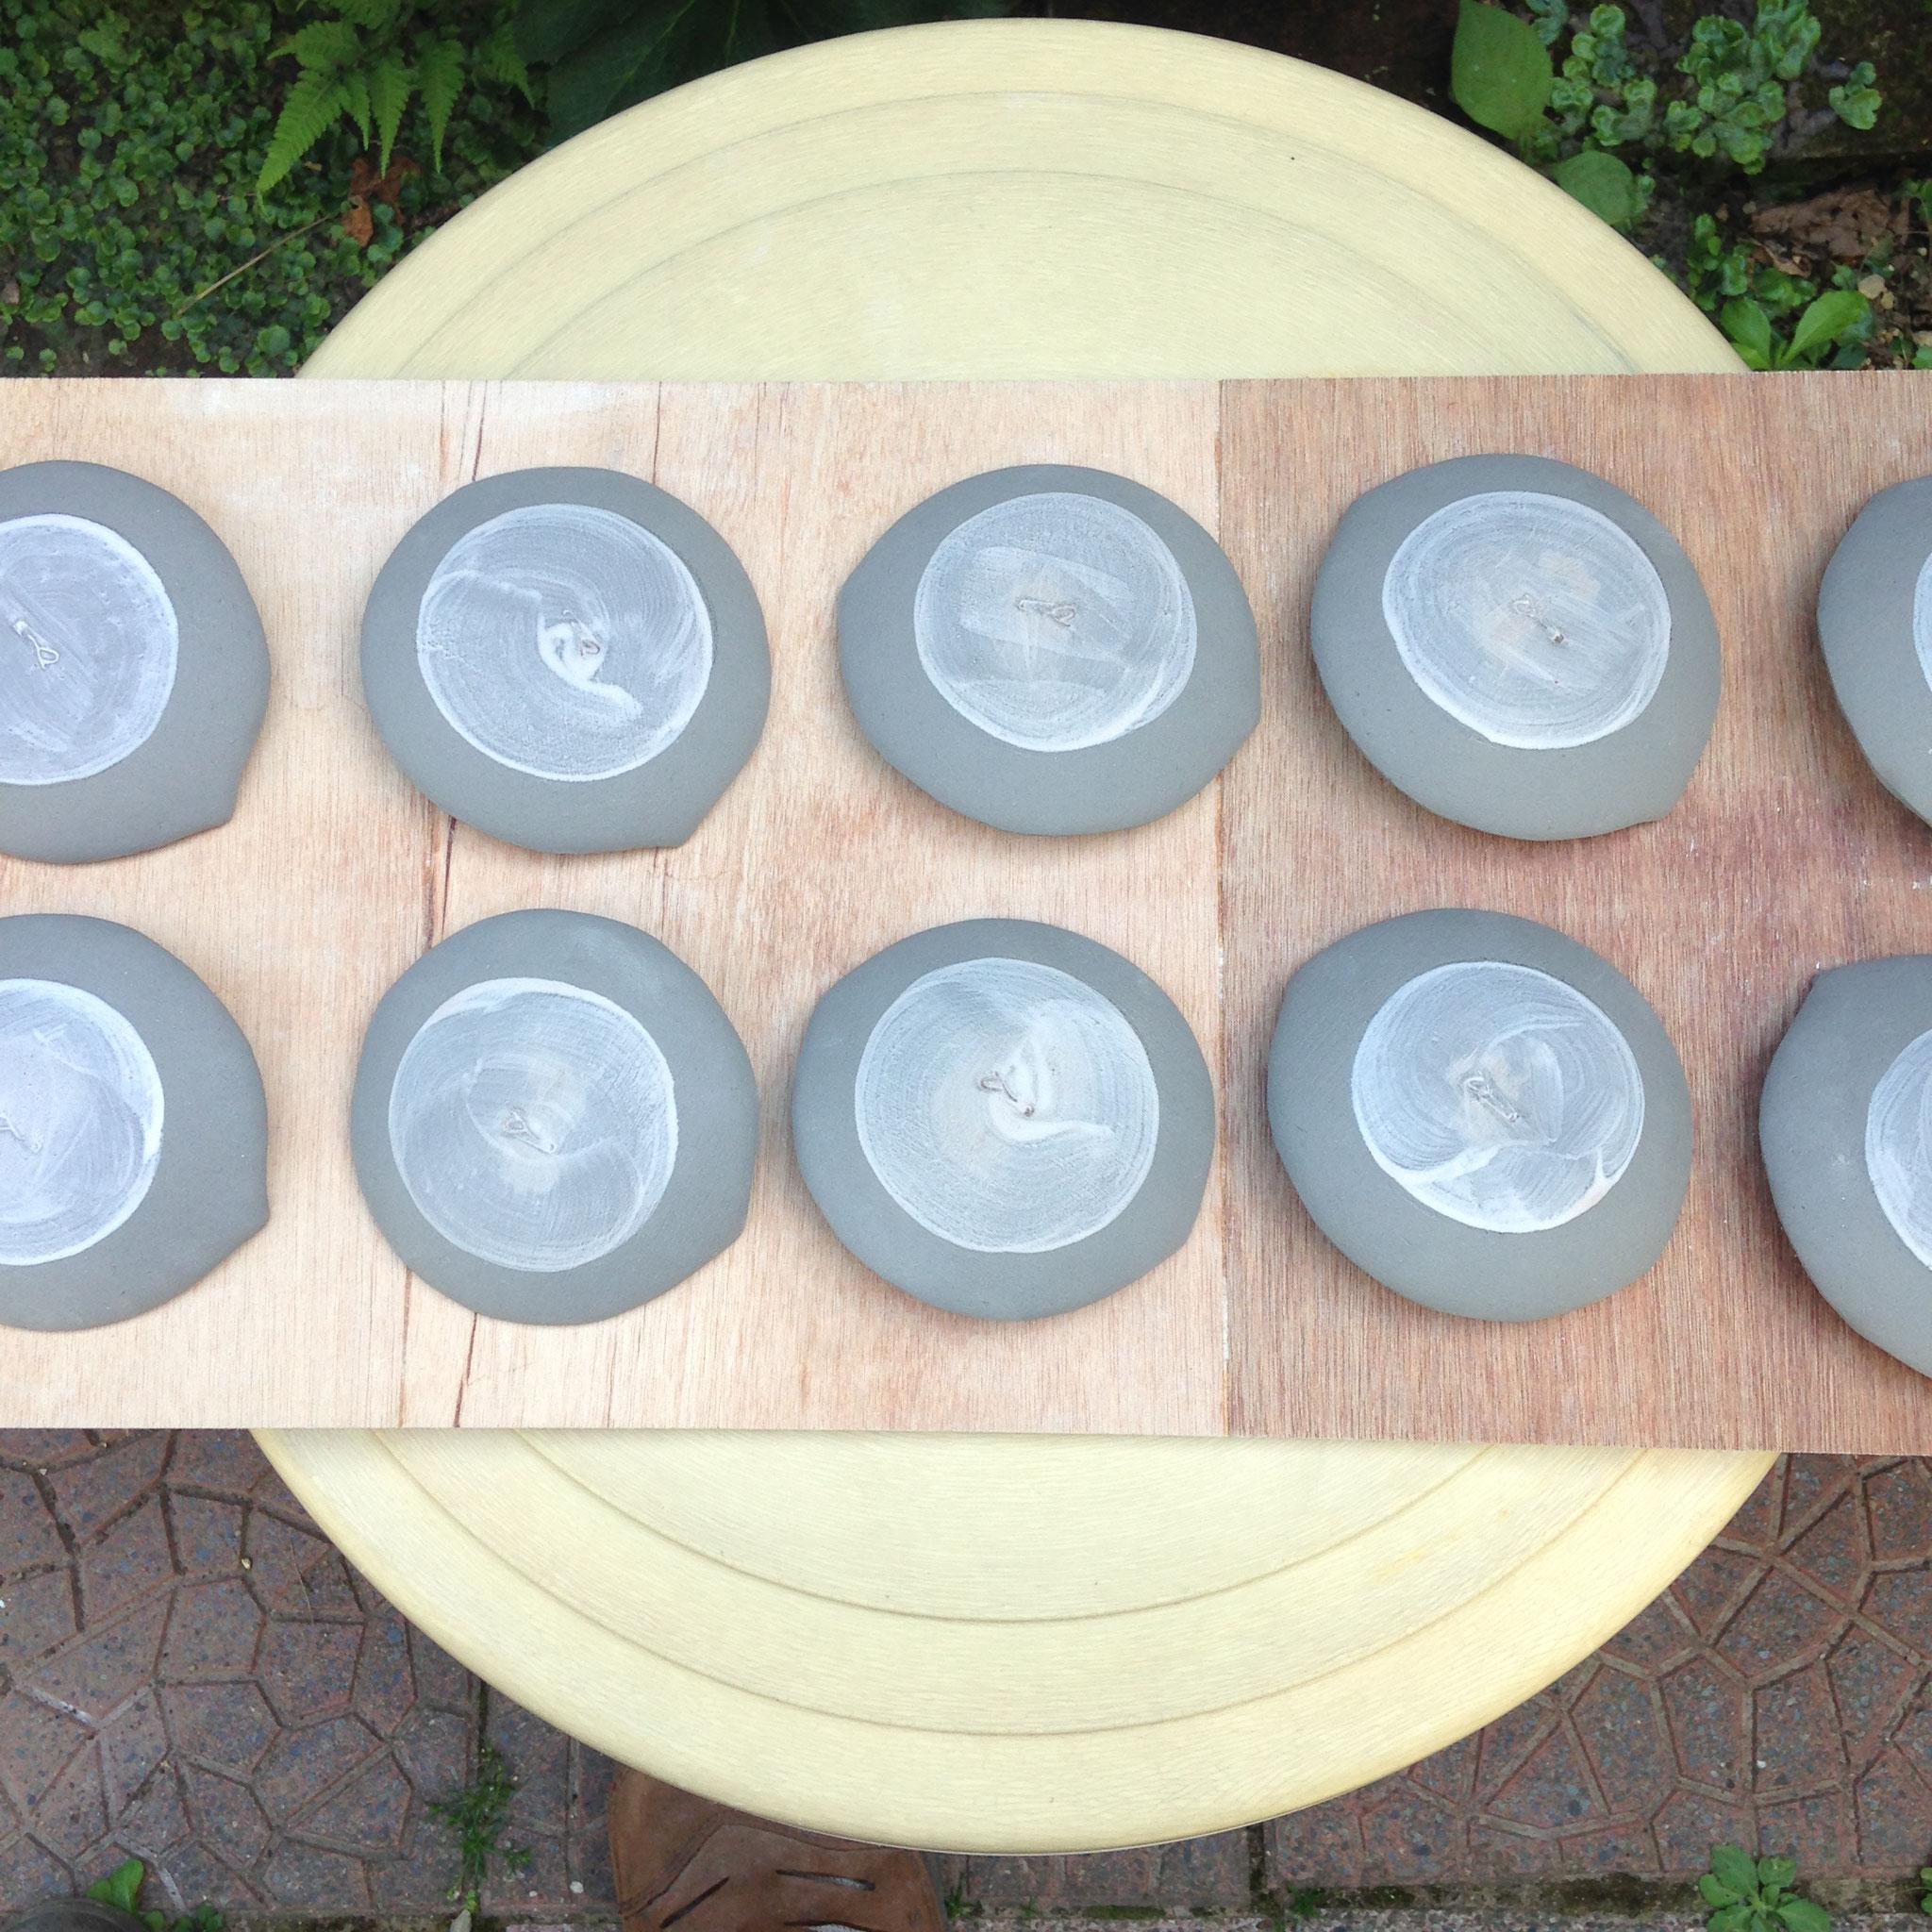 器の裏に釉薬がつかないように、撥水剤(ロウのようなもの)を塗り、釉薬を掛けます